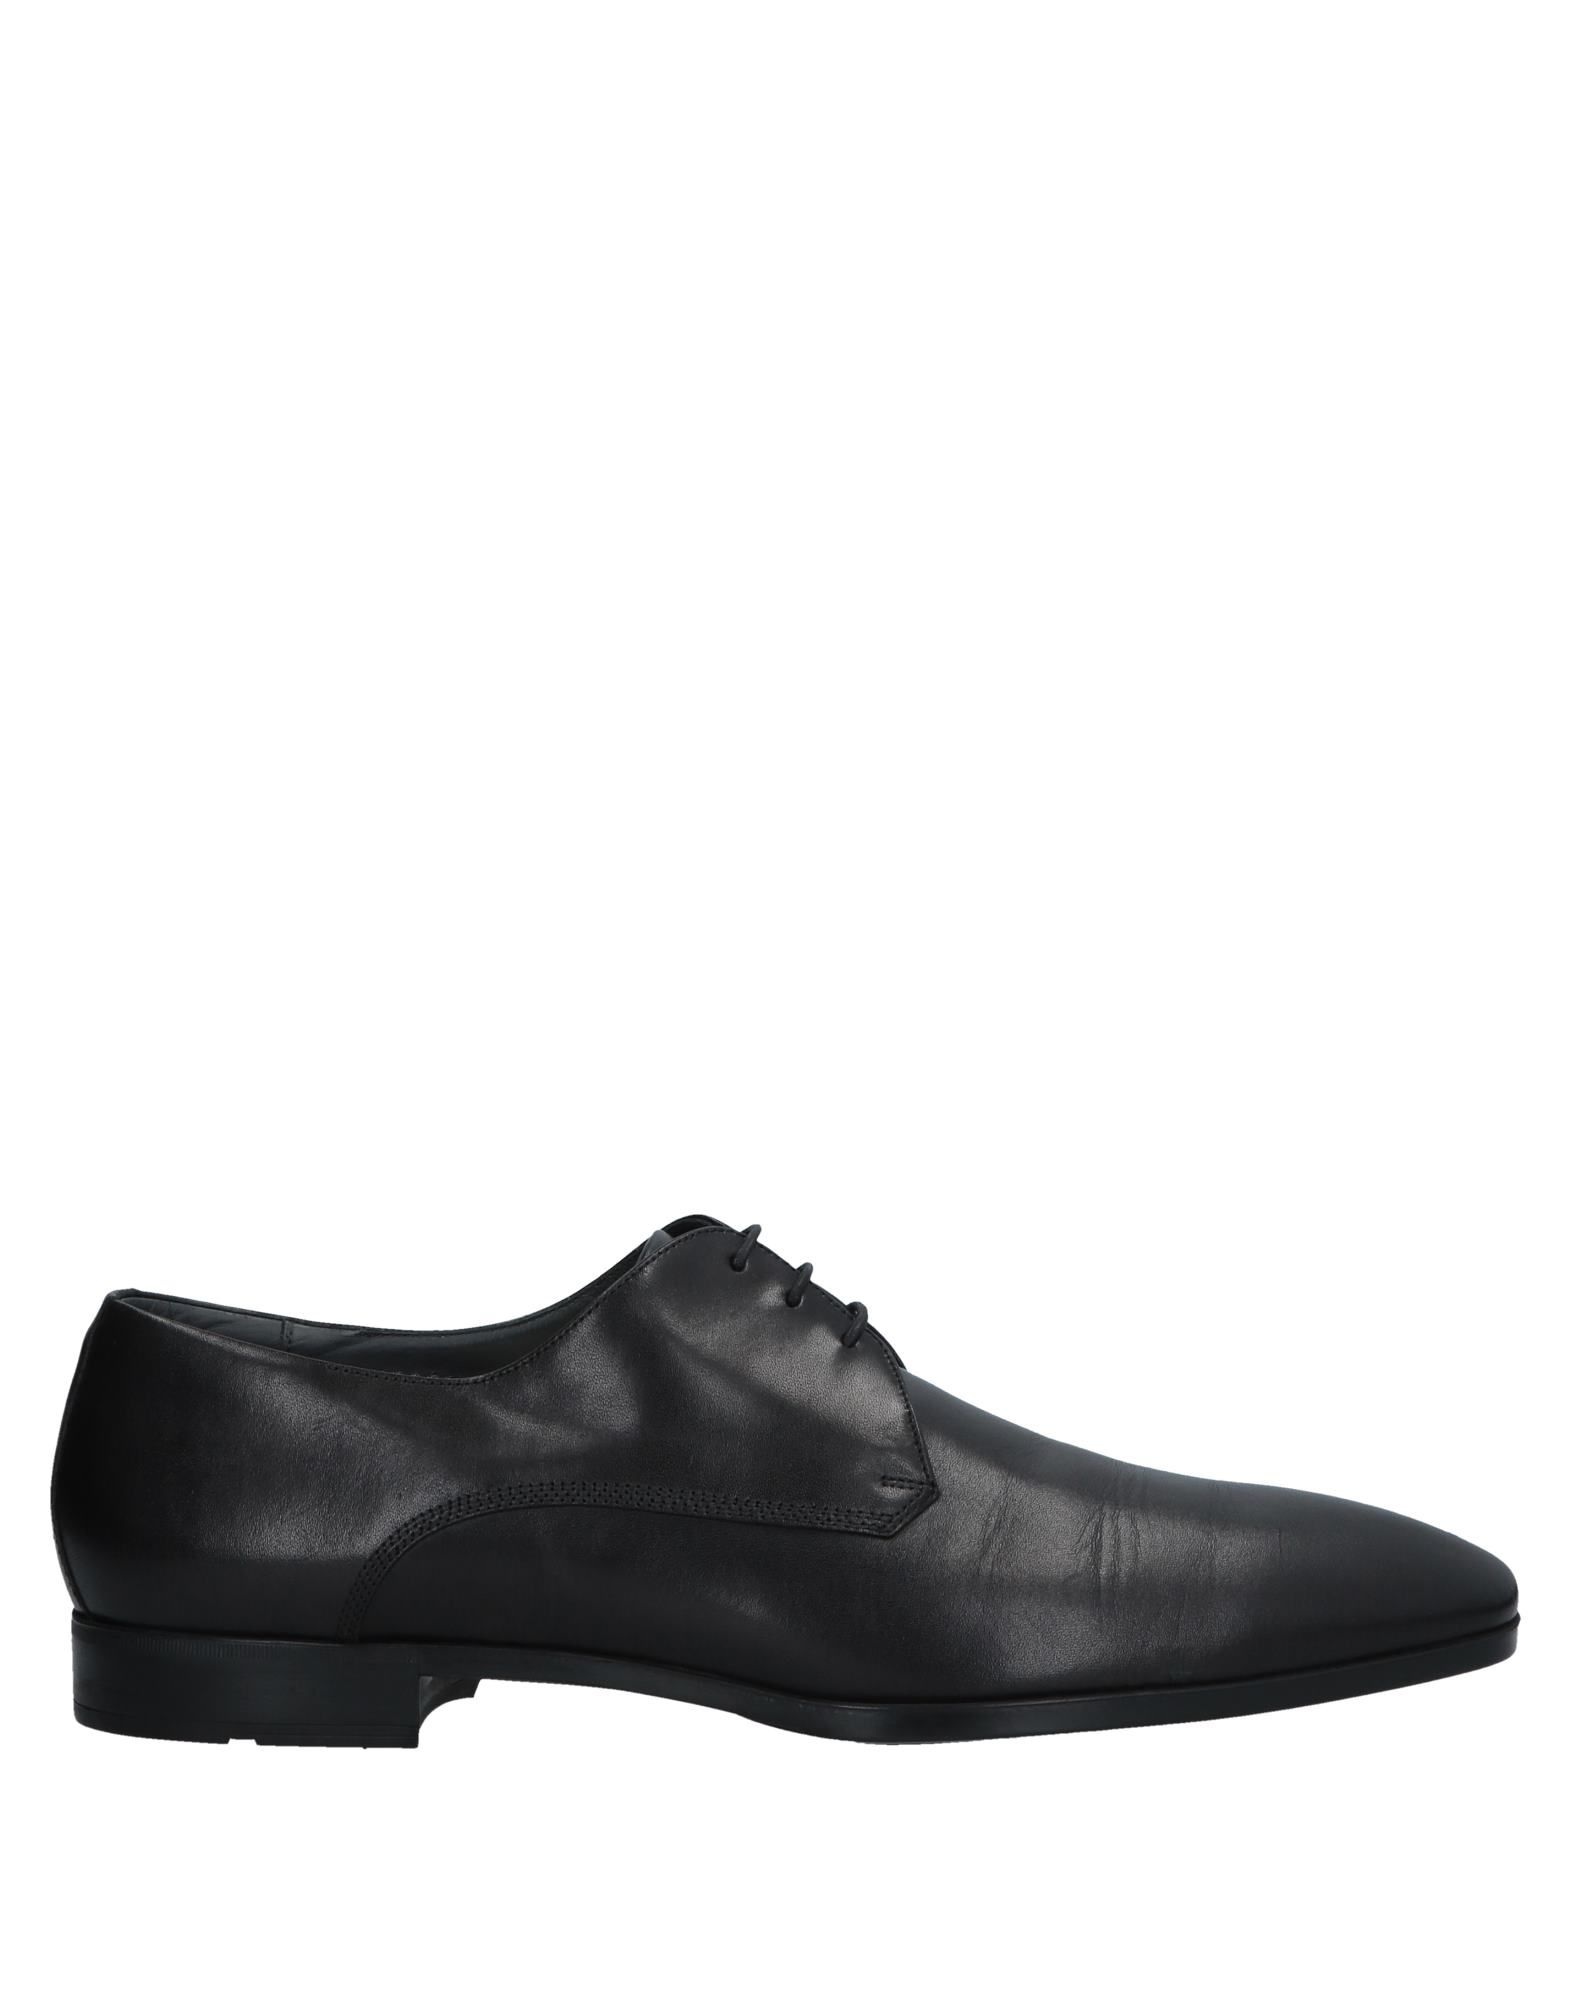 BOSS HUGO BOSS Обувь на шнурках обувь boss купить в москве